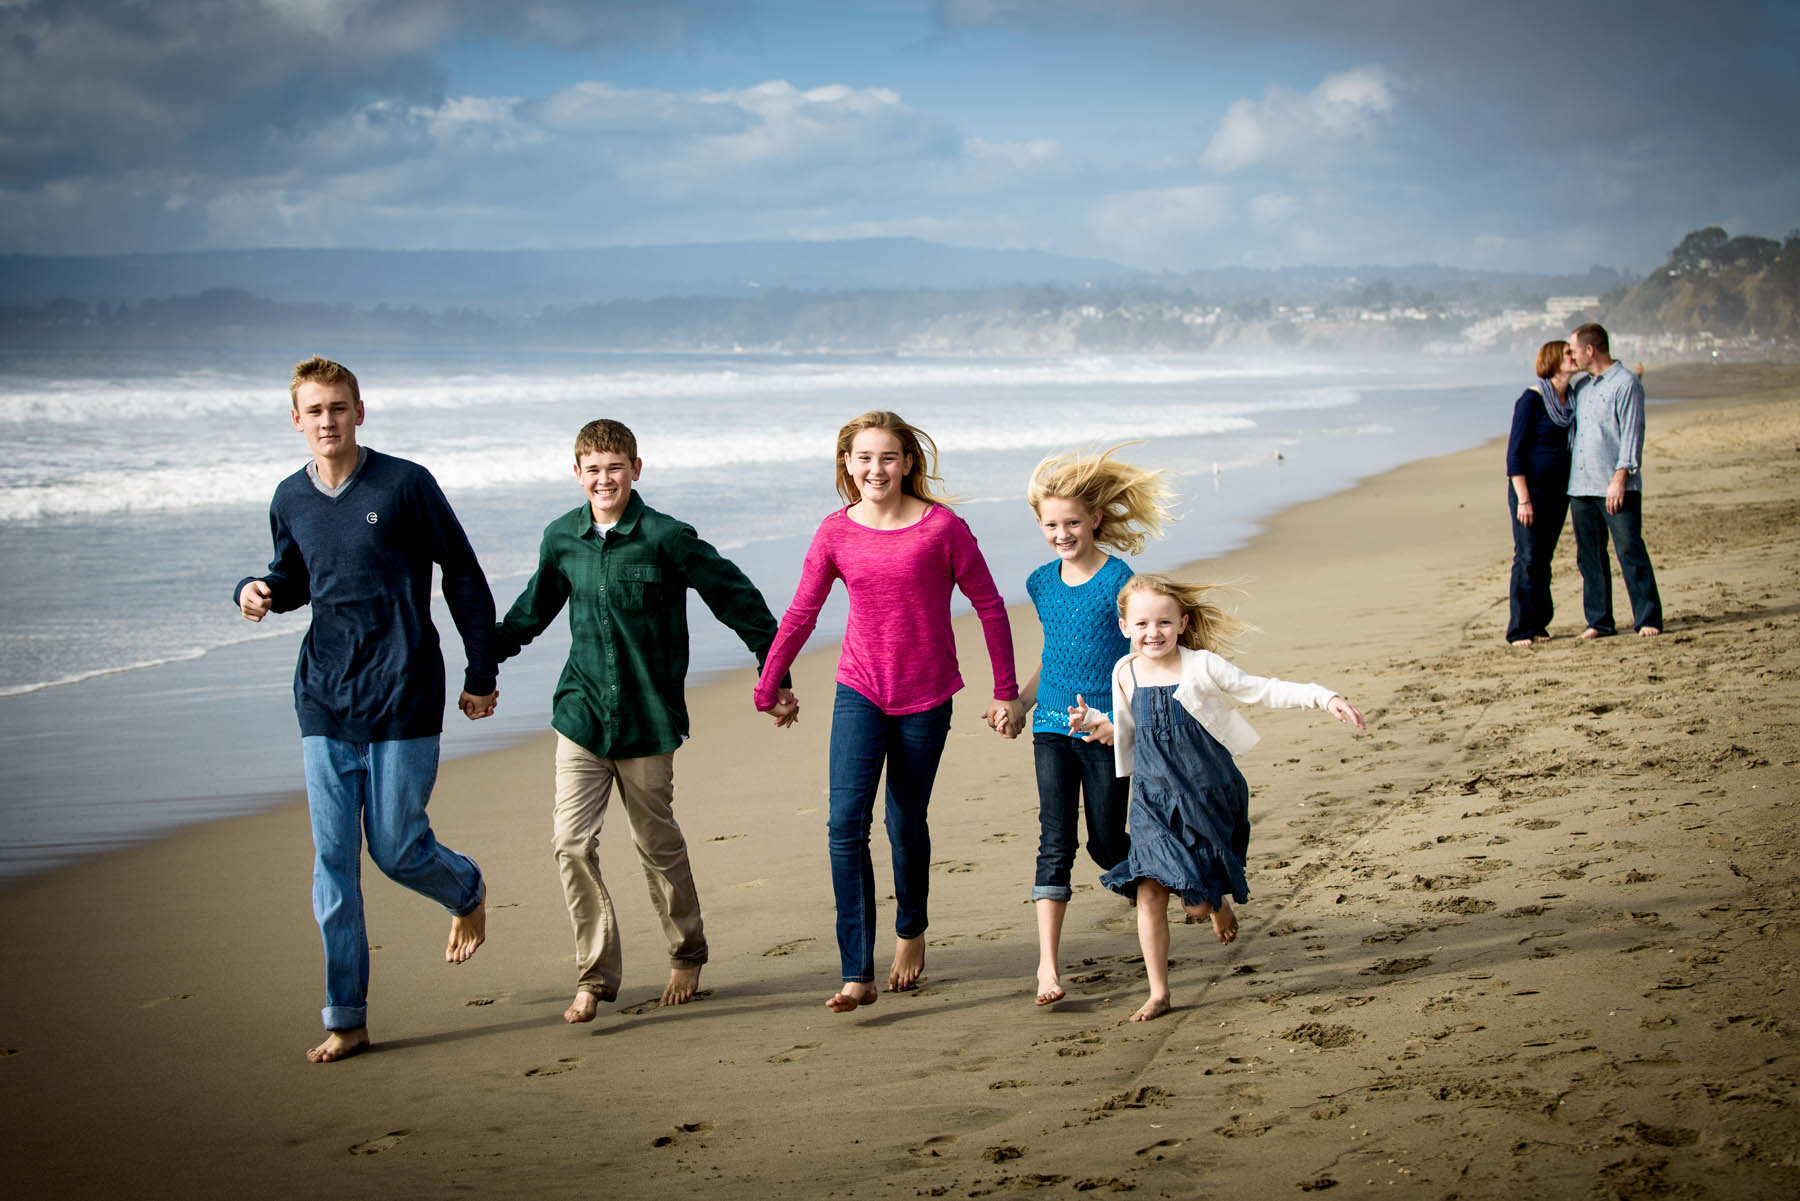 0413_d800_Kristin_Tom_Seascape_Beach_Aptos_Family_Photography.jpg